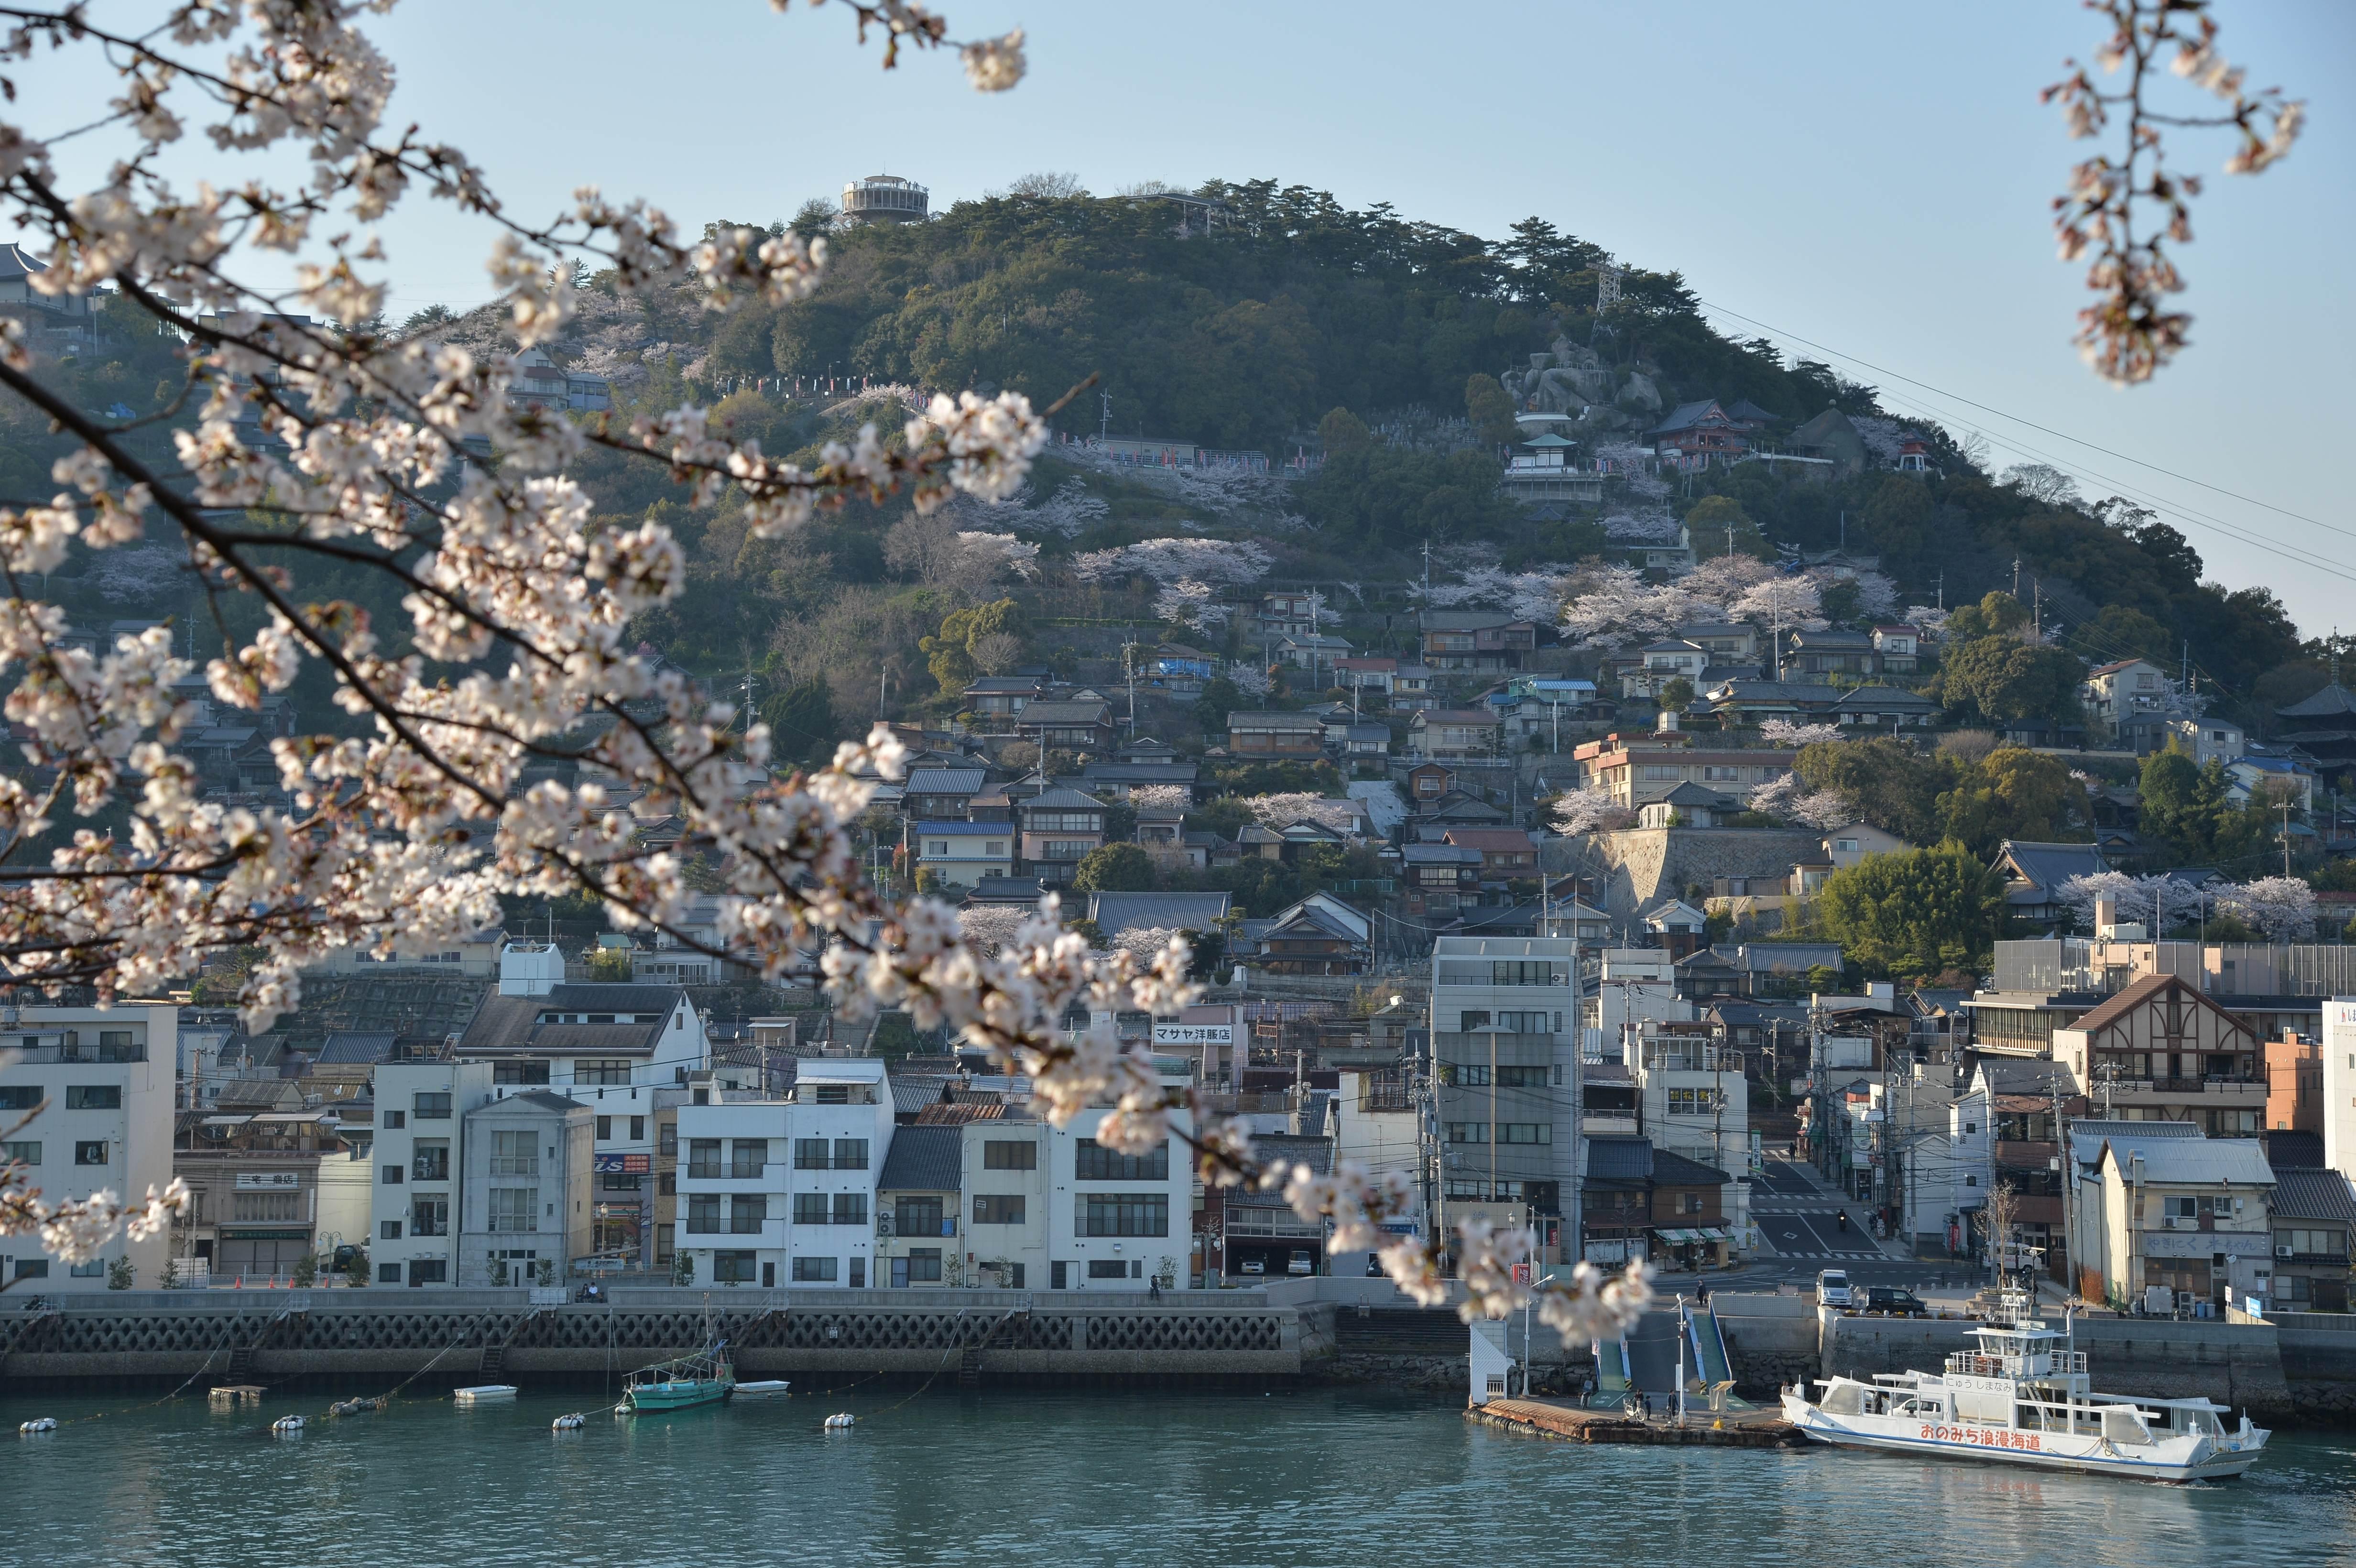 開花間近。尾道で「日本三大桜」子孫樹のお花見と、一棟貸の町家でゆったり過ごす春の休日。せとうち 湊のやど